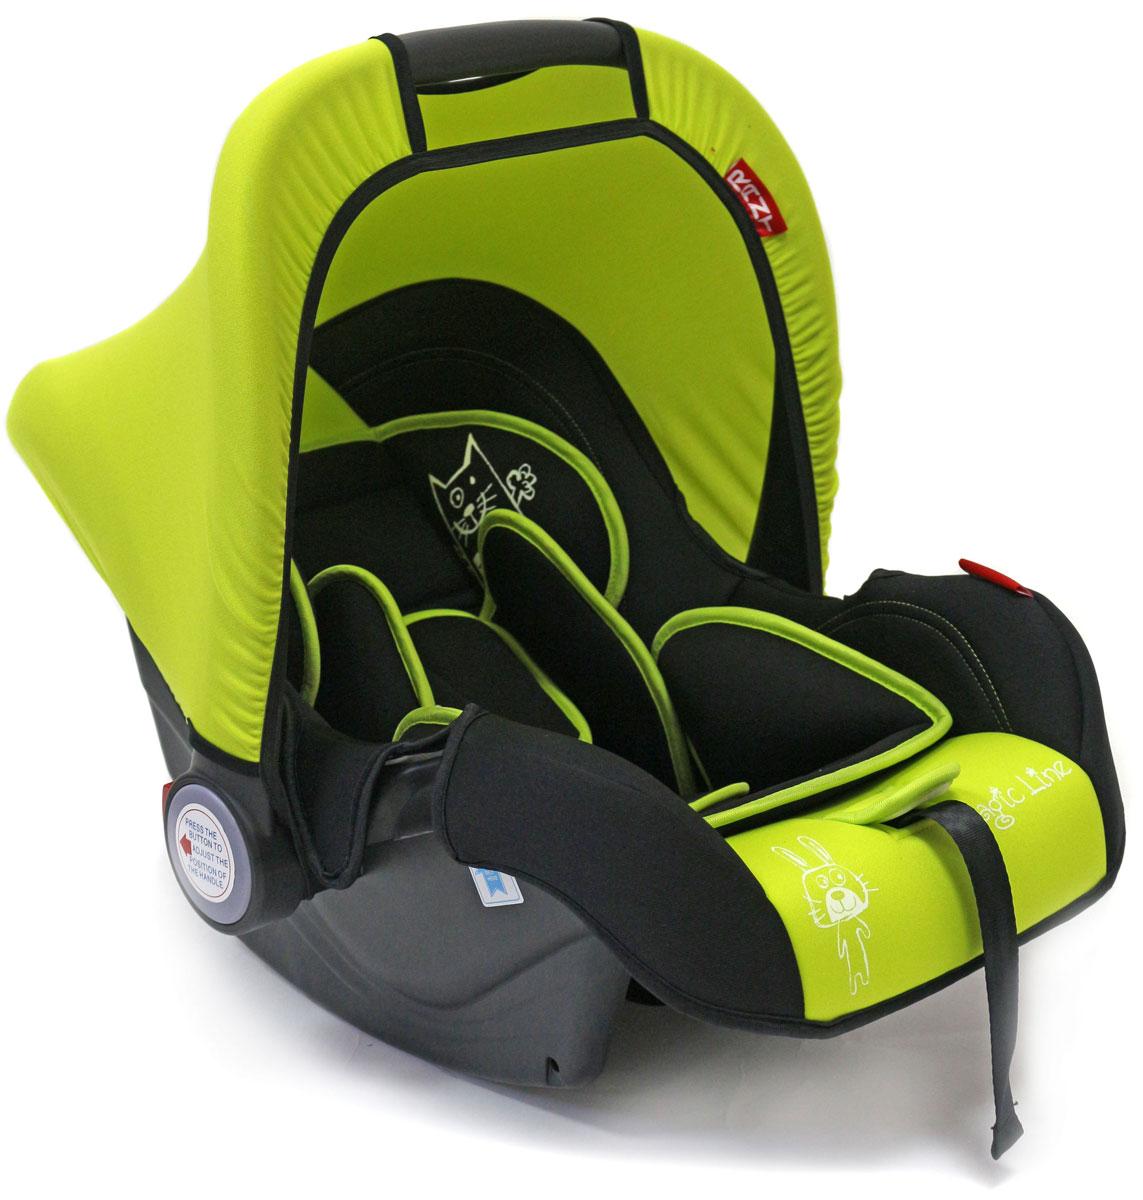 Rant Автокресло Miracle цвет салатовый до 13 кг4630008876640Детское автокресло-переноска Rant Miracle разработано для малышей весом до 13 кг (приблизительно до 12 месяцев).Особенности: Сиденье удобной формы с мягким вкладышем обеспечивает защиту и идеальное положение шеи и спины малыша, а также делает кресло комфортным и безопасным. Автокресло (переноска) Miracle имеет внутренние 3-х точечные ремни безопасности с плечевыми накладками (уменьшают нагрузку на плечи малыша). Накладки обеспечивают плотное прилегание и надежно удержат малыша в кресле в случае ударов. Ремни удобно регулировать под рост и комплекцию ребенка без особых усилий. Удобная ручка для переноски малыша регулируется в 4-х положениях: для устойчивости автокресла в автомобиле, для переноски малыша, вне автомобиля автокресло можно использовать как кресло-качалку или кресло-шезлонг. Съемный тент защитит от яркого солнца или ветра, когда вы гуляете с малышом на свежем воздухе. Съемный чехол автокресла Miracle изготовлен из гипоаллергенной эластичной ткани, легко чистится и стирается вручную или в деликатном режиме в стиральной машине при температуре 30°.Установка и крепление: Автокресло (переноска) Miracle устанавливается лицом против движения автомобиля и крепится штатными автомобильными ремнями. Ребенок фиксируется внутренними ремнями безопасности. Такое положение обеспечивает максимальную безопасность маленькому пассажиру. Рекомендуется устанавливать автокресло на заднем сиденье автомобиля. Производитель допускает перевозку на переднем сиденье, в этом случае необходимо отключить фронтальные подушки безопасности. Автокресло (переноска) Miracle сертифицировано и соответствует европейскому стандарту безопасности ECE R44-04.